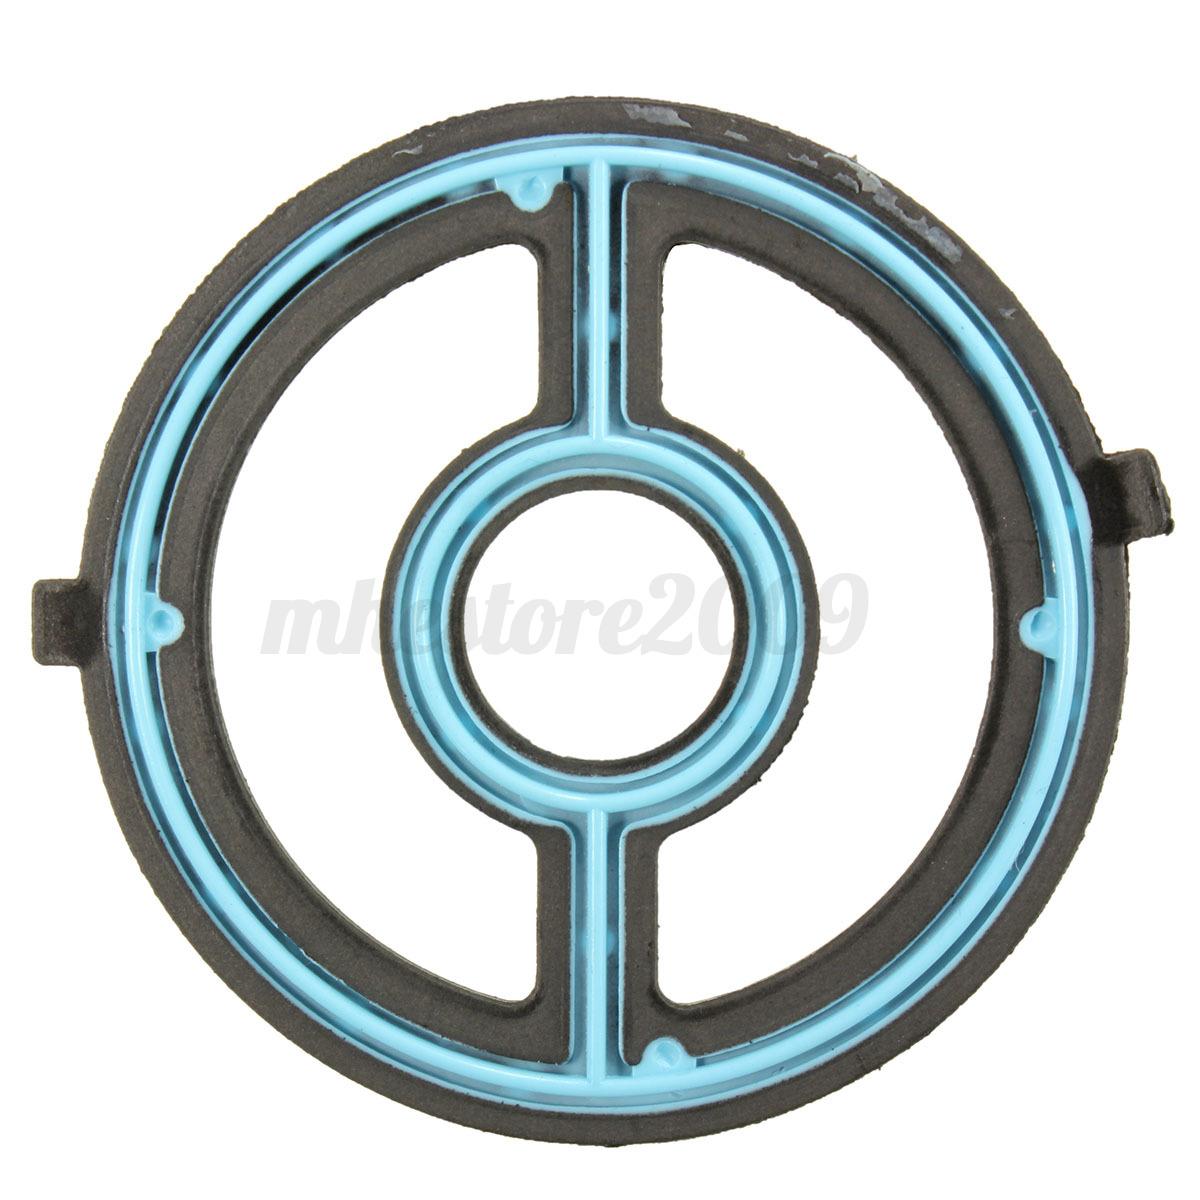 Engine Oil Cooler Seal Gasket For Mazda Engine 3 5 6 CX-7 2.3L 2.5L 917105 937795398961 | eBay